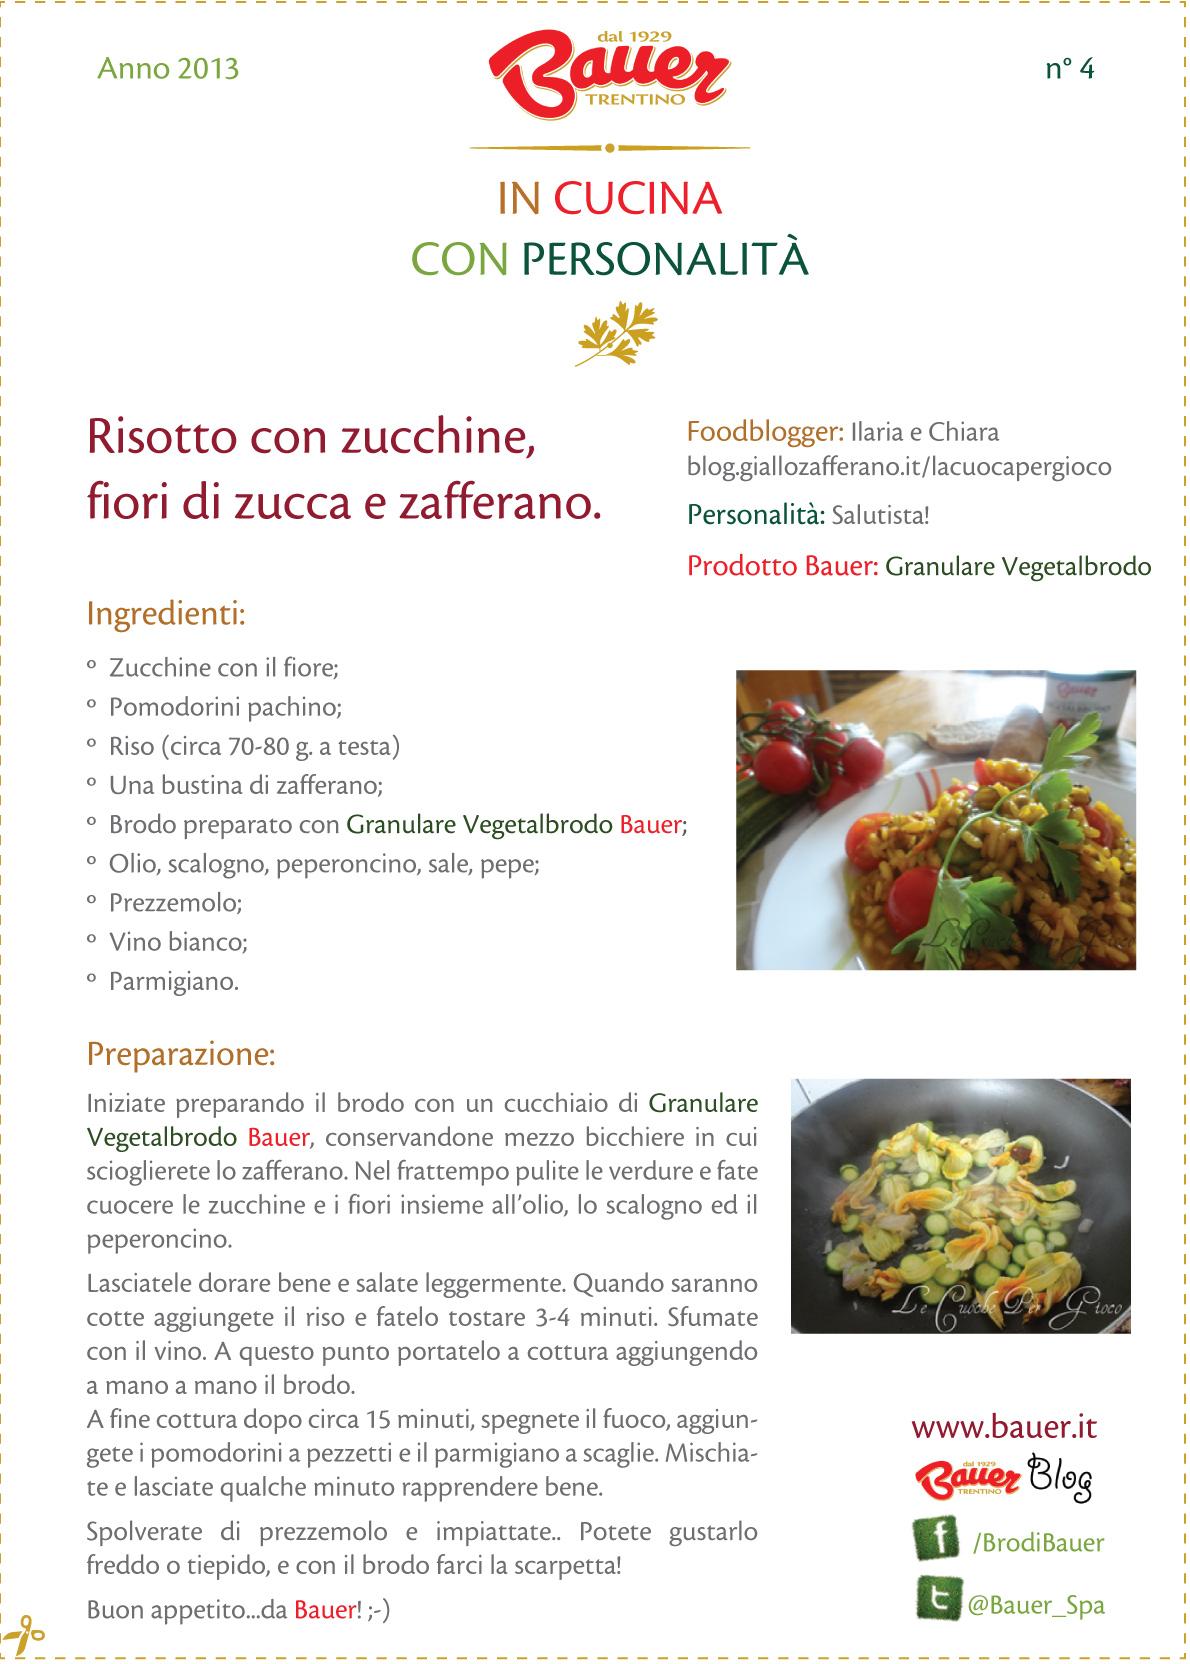 Risotto-alle-zucchine-fiori-di-zucca-e-zafferano-Ricetta-4